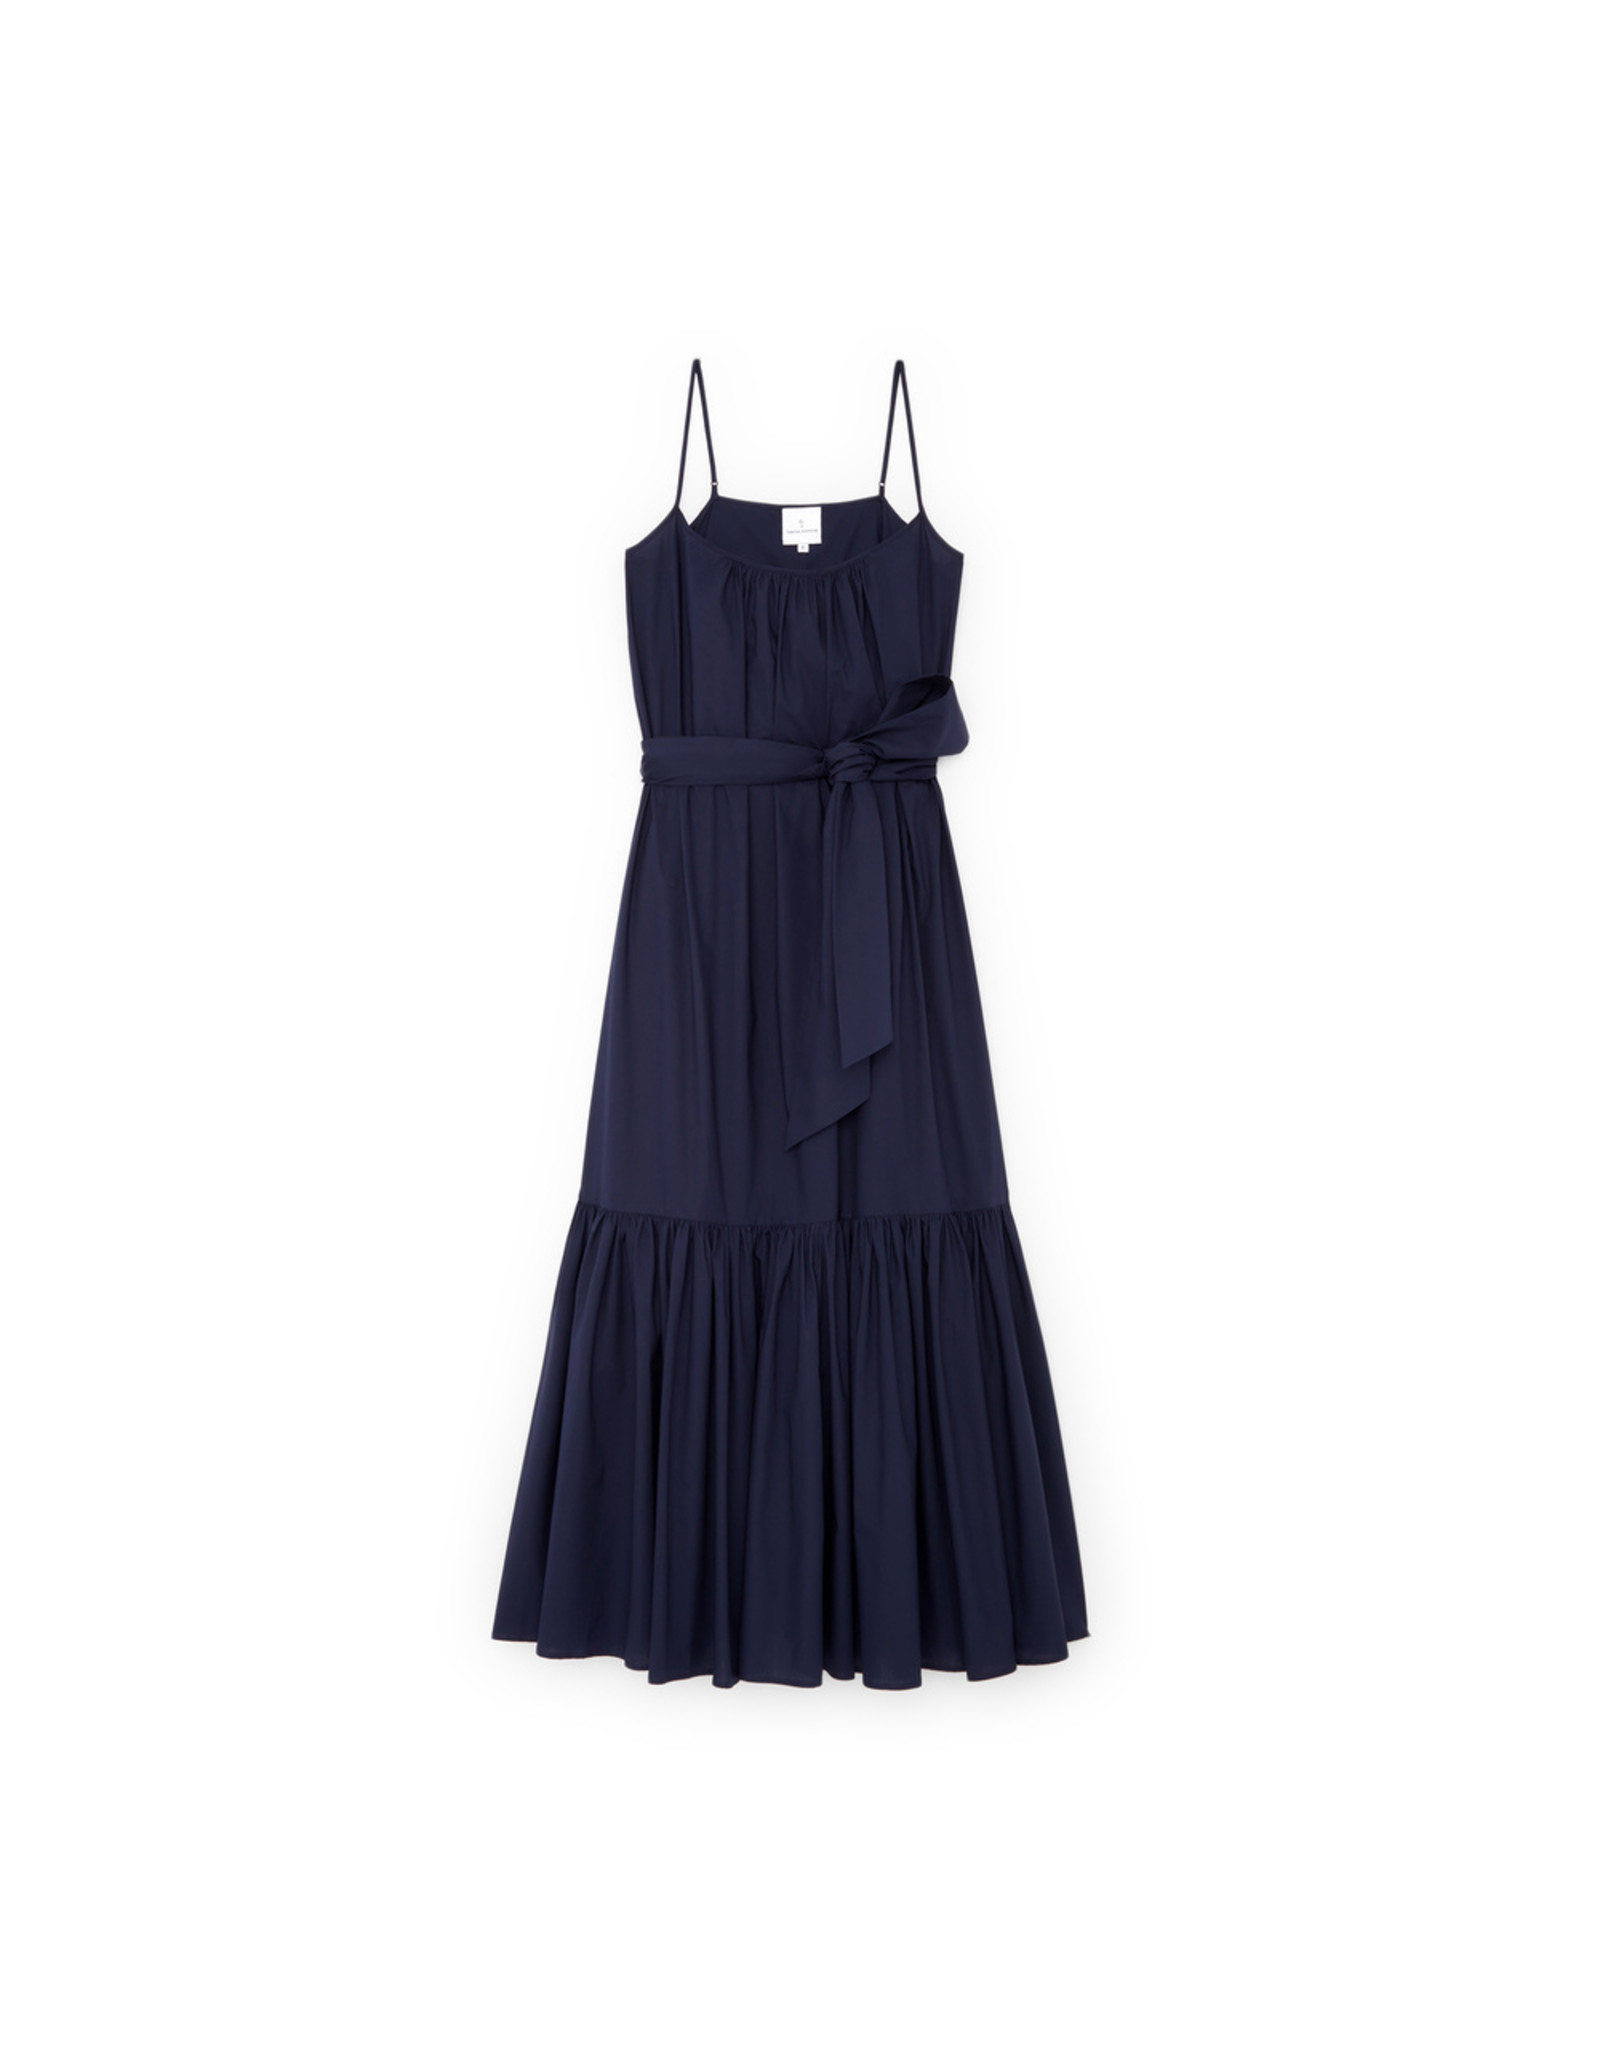 G. Label Capri Skinny Strap Dress (Color: Navy, Size: XS)